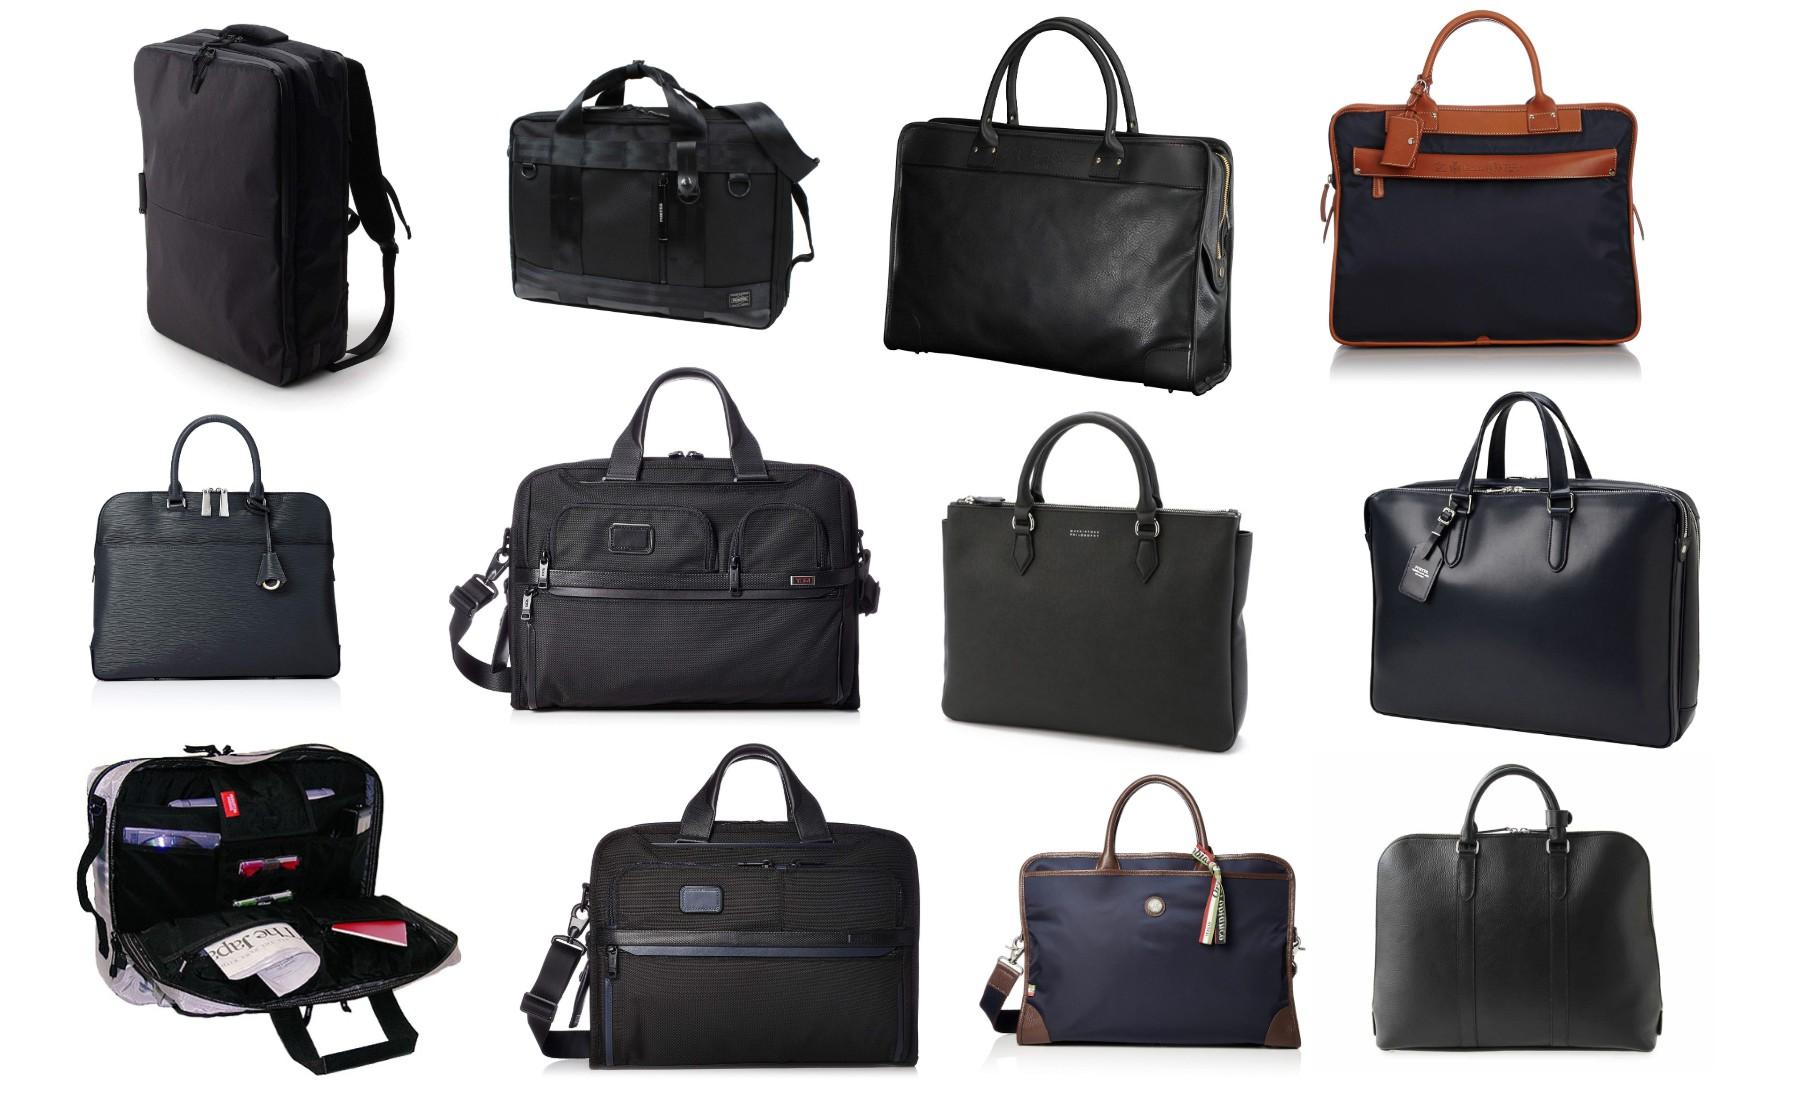 【おしゃれ決定版】ビジネスバッグおすすめランキング20選|予算から選べる!スタイリッシュにキマる人気商品